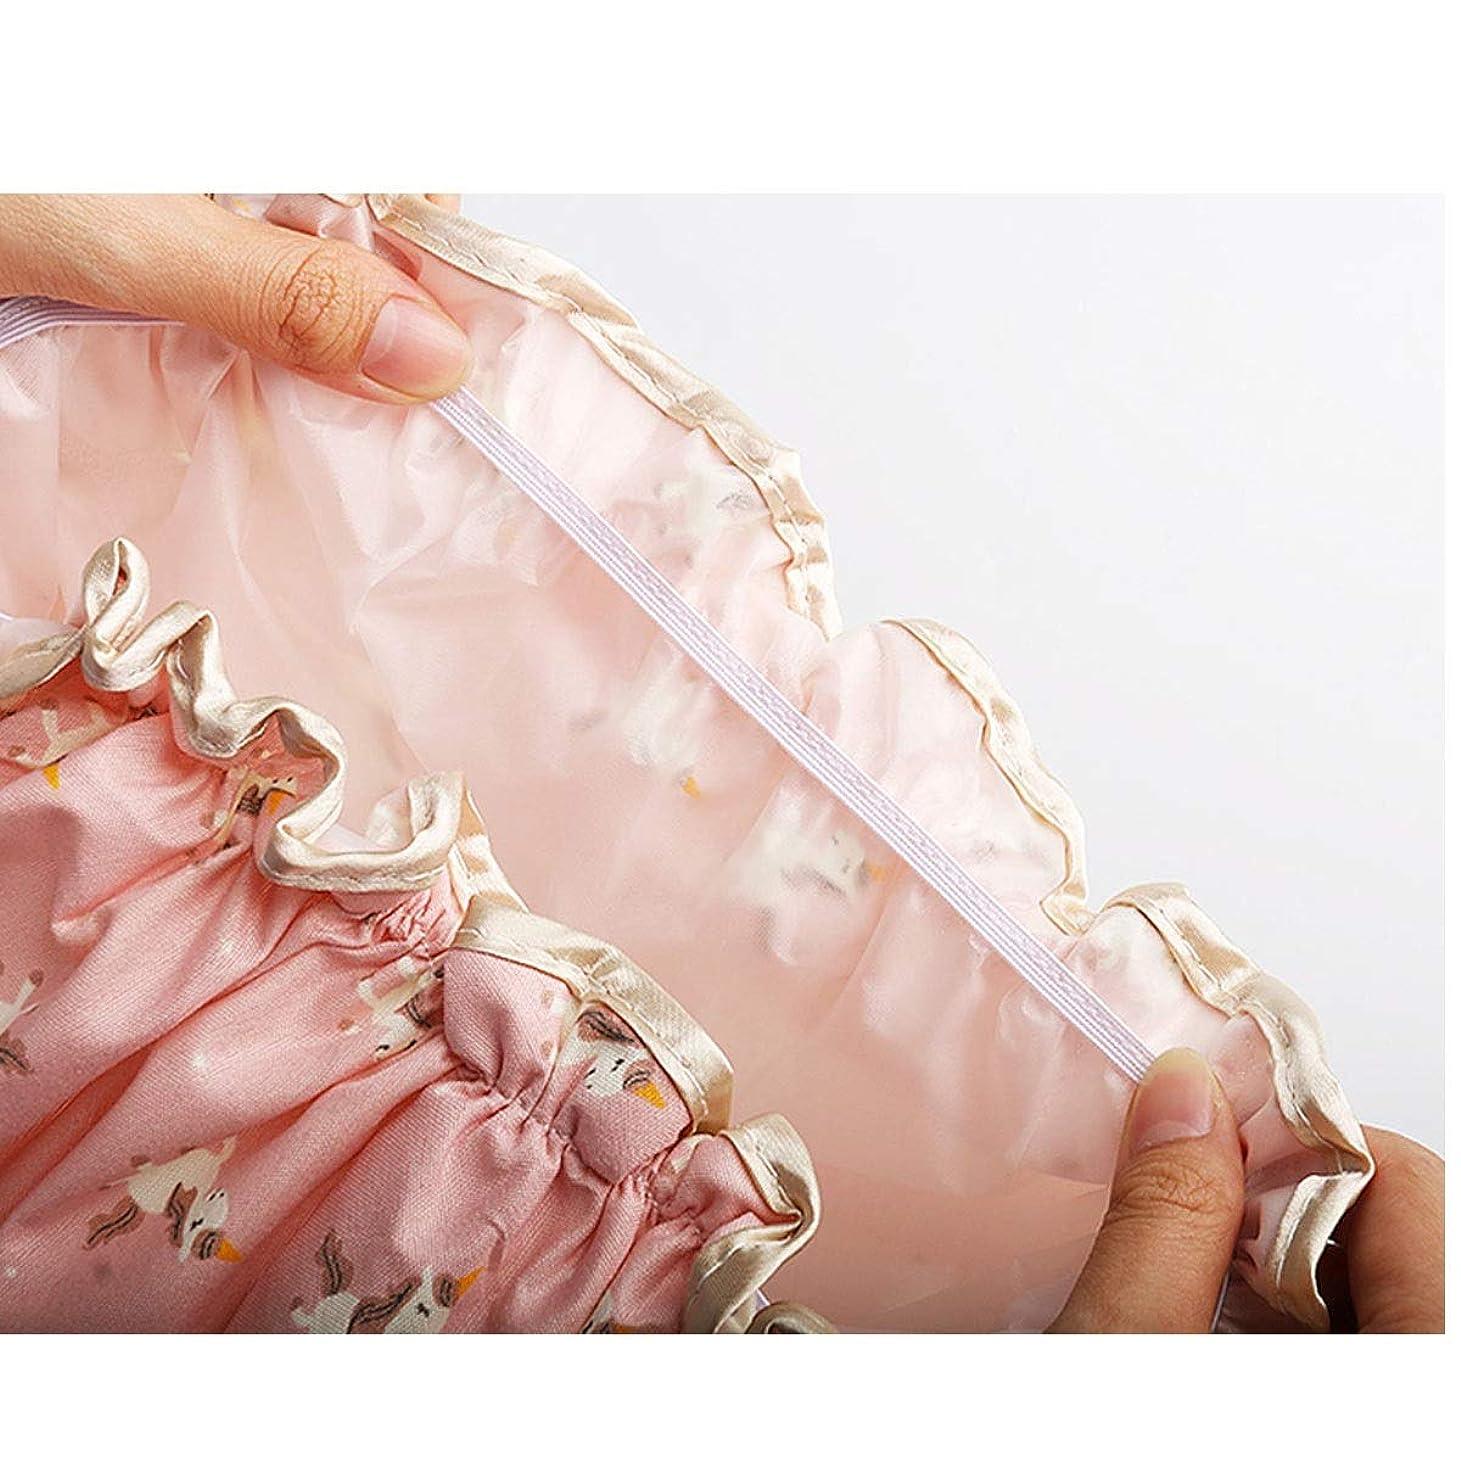 生き返らせる配送返還HENGTONGTONGXUN シャワーキャップ、シャワーキャップ防水、成人用女性用ダブルシャワーキャップ、バスタブカバー、シャワーヘッドカバー、アンチキャップ、オプションで6色 (Color : Pink C)